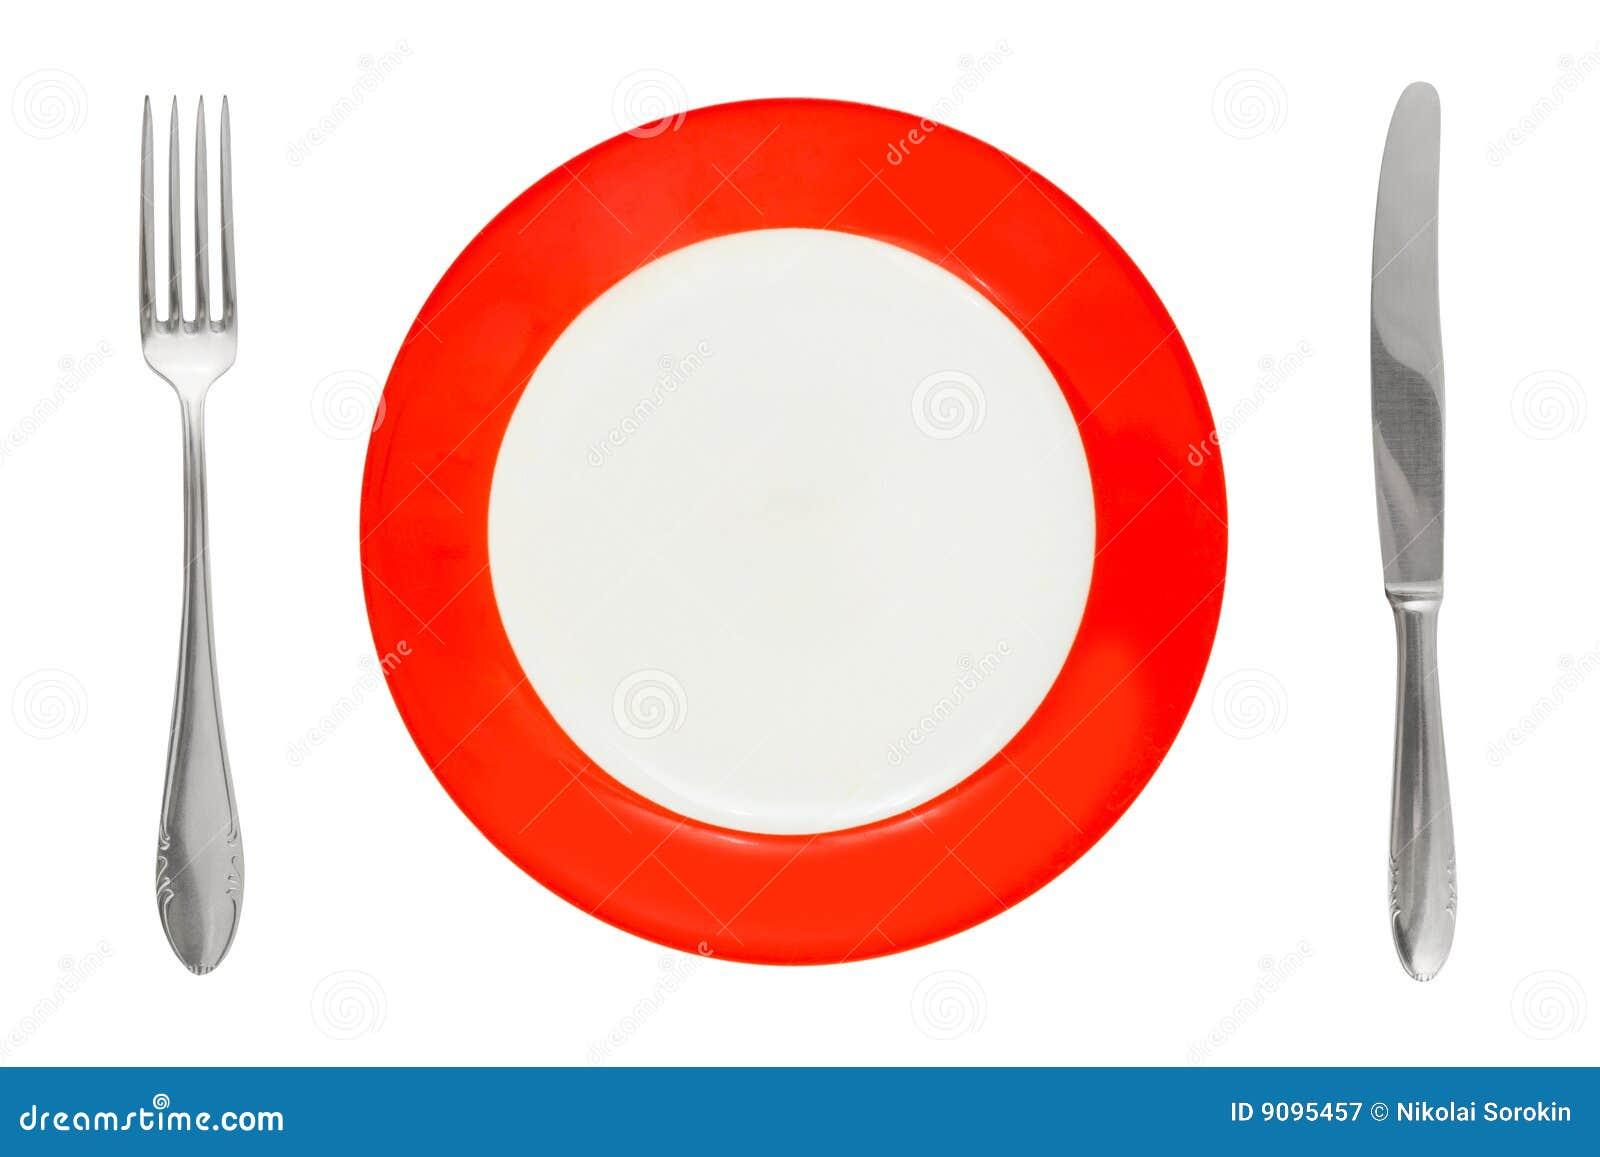 Platte, Gabel und Messer